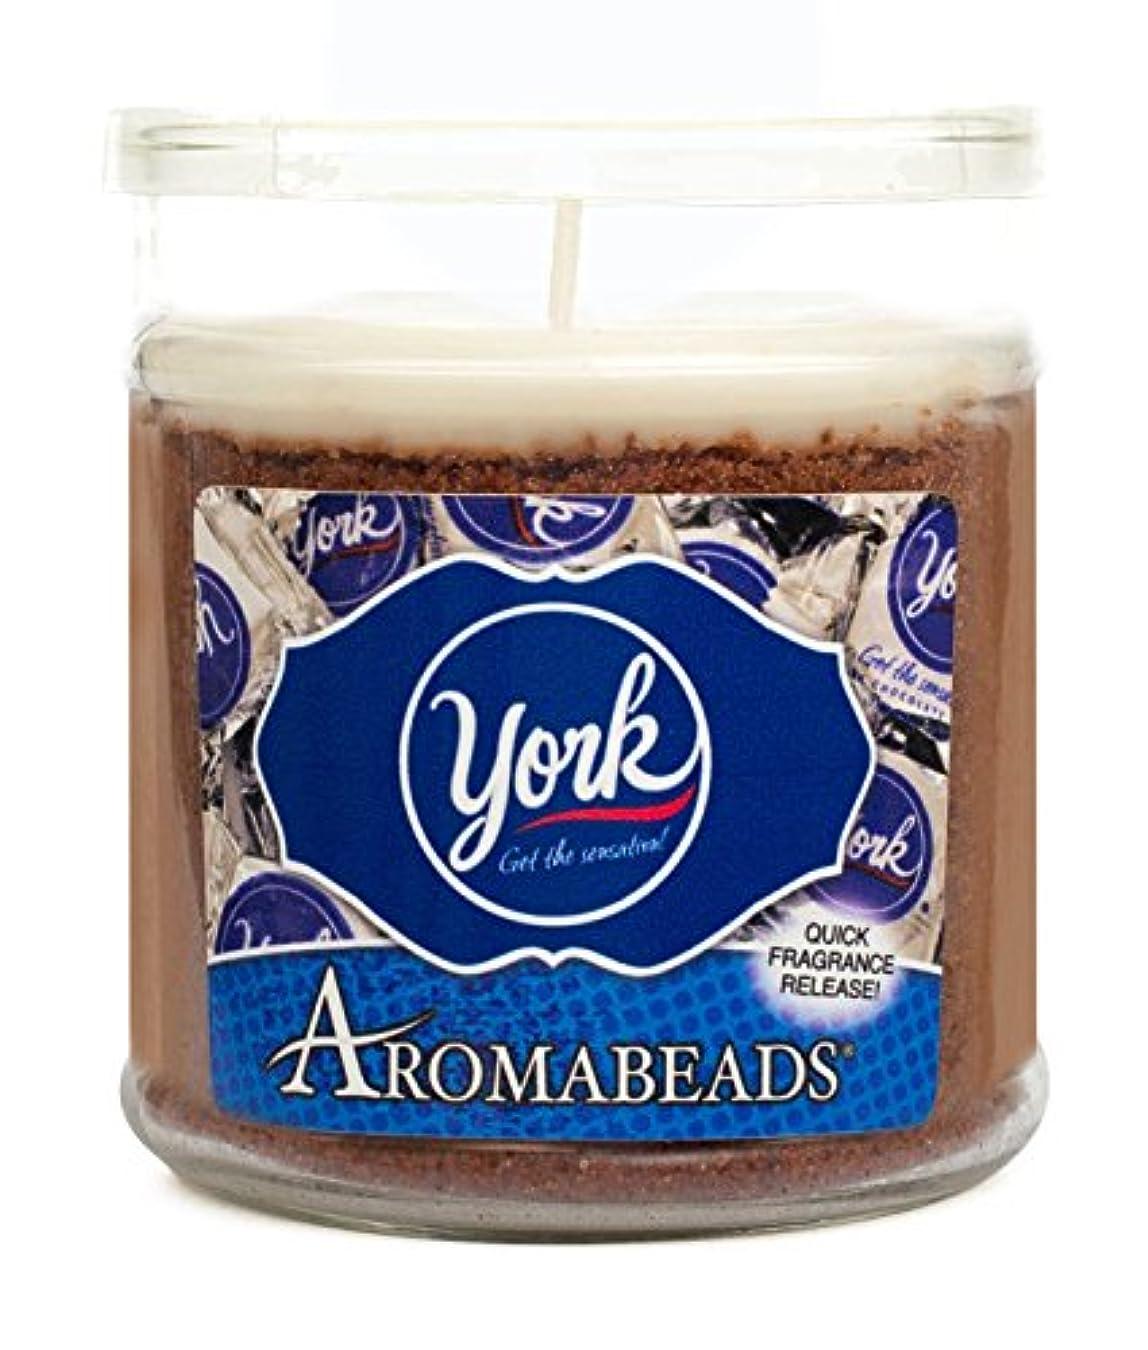 不正納税者保険Hanna 's Aromabeads 6oz Hershey 's Candy Scented Candle ブラウン